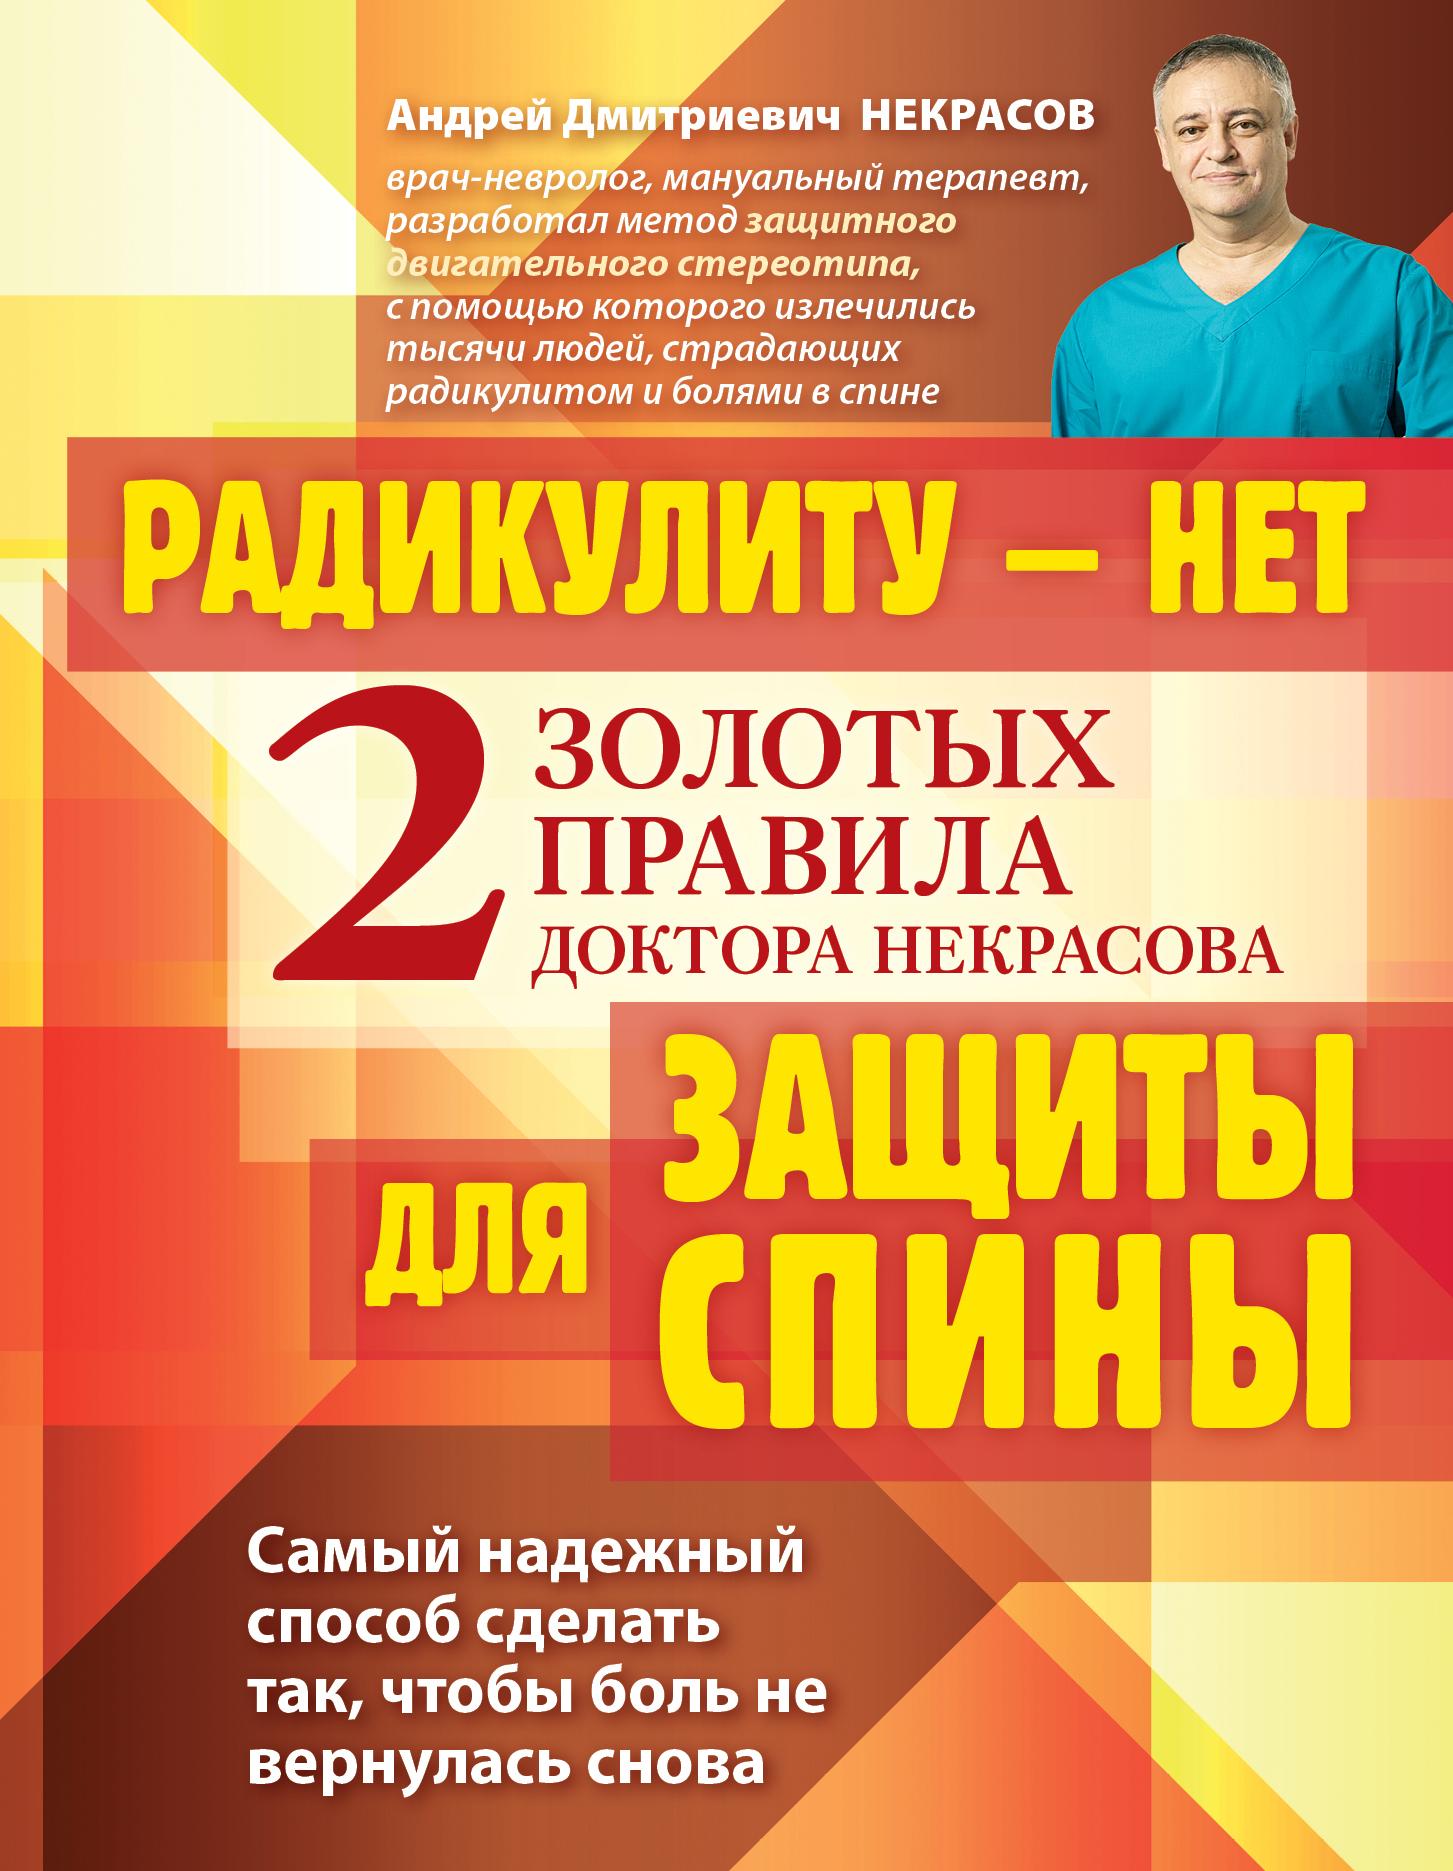 Радикулиту - нет. Два золотых правила защиты позвоночника доктора Некрасова